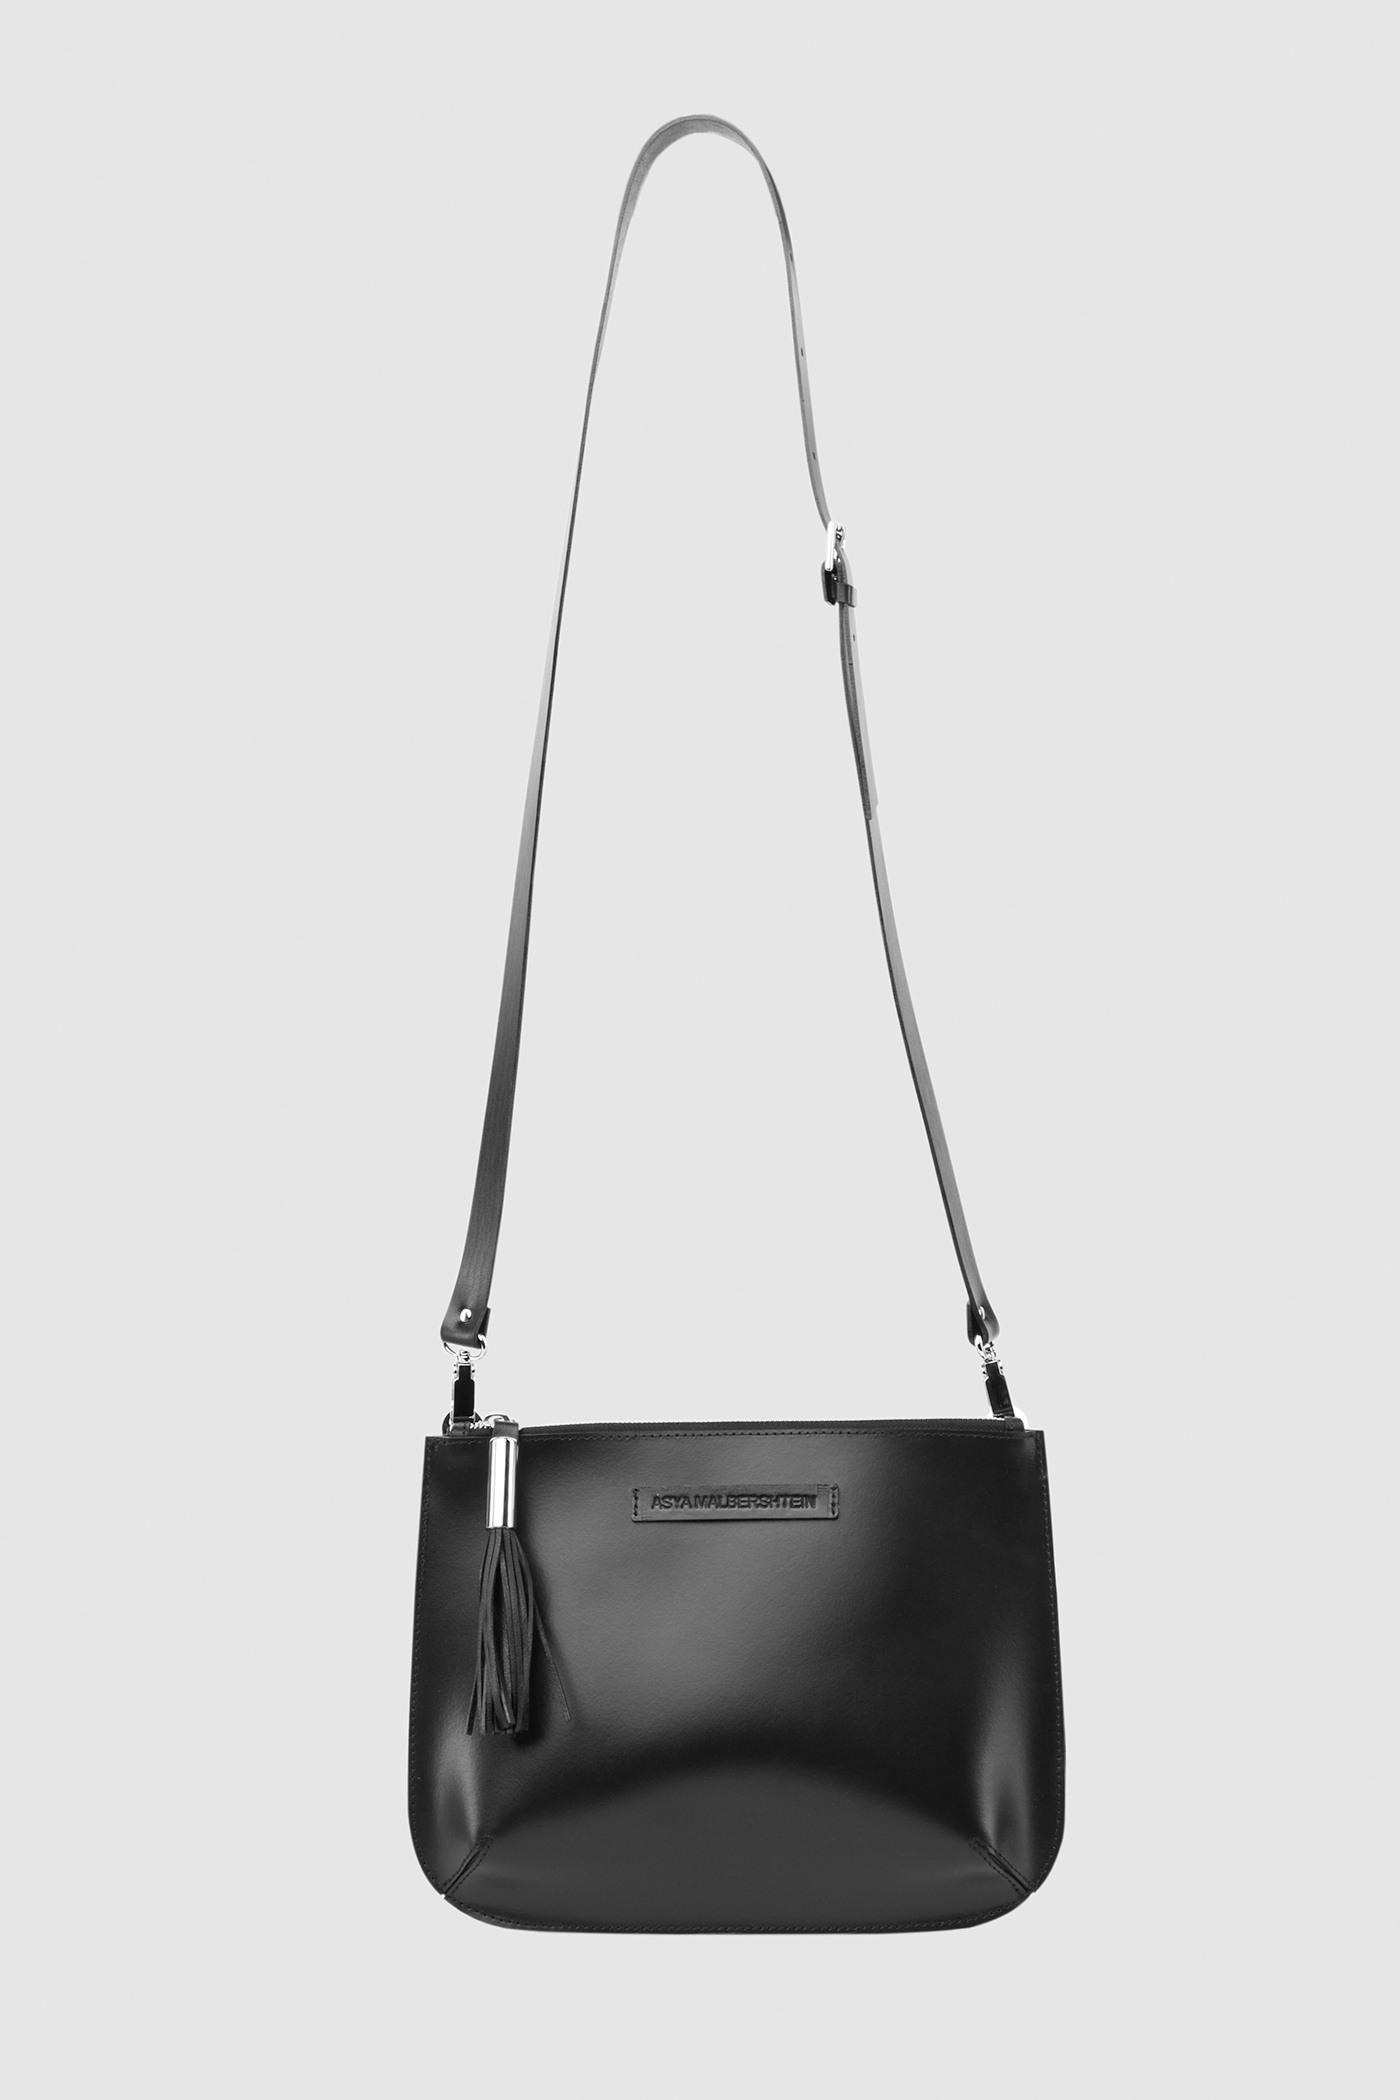 СумкаНебольшая сумка из плотной кожи на молнии с серебряной фурнитурой. Задний карман на молнии. Внутреннее отделение на подкладке с двумя карманами для телефона и ключей. Съемный регулируемый ремешок через плечо.&#13;<br>&#13;<br>Кожа: КРС.&#13;<br>&#13;<br>Размеры&#13;<br>Высота: 19,5 см&#13;<br>Длина: 27 см&#13;<br>Глубина: 1...6 см&#13;<br>Высота ремешка: max 100 - min 70 см<br><br>Цвет: Черный